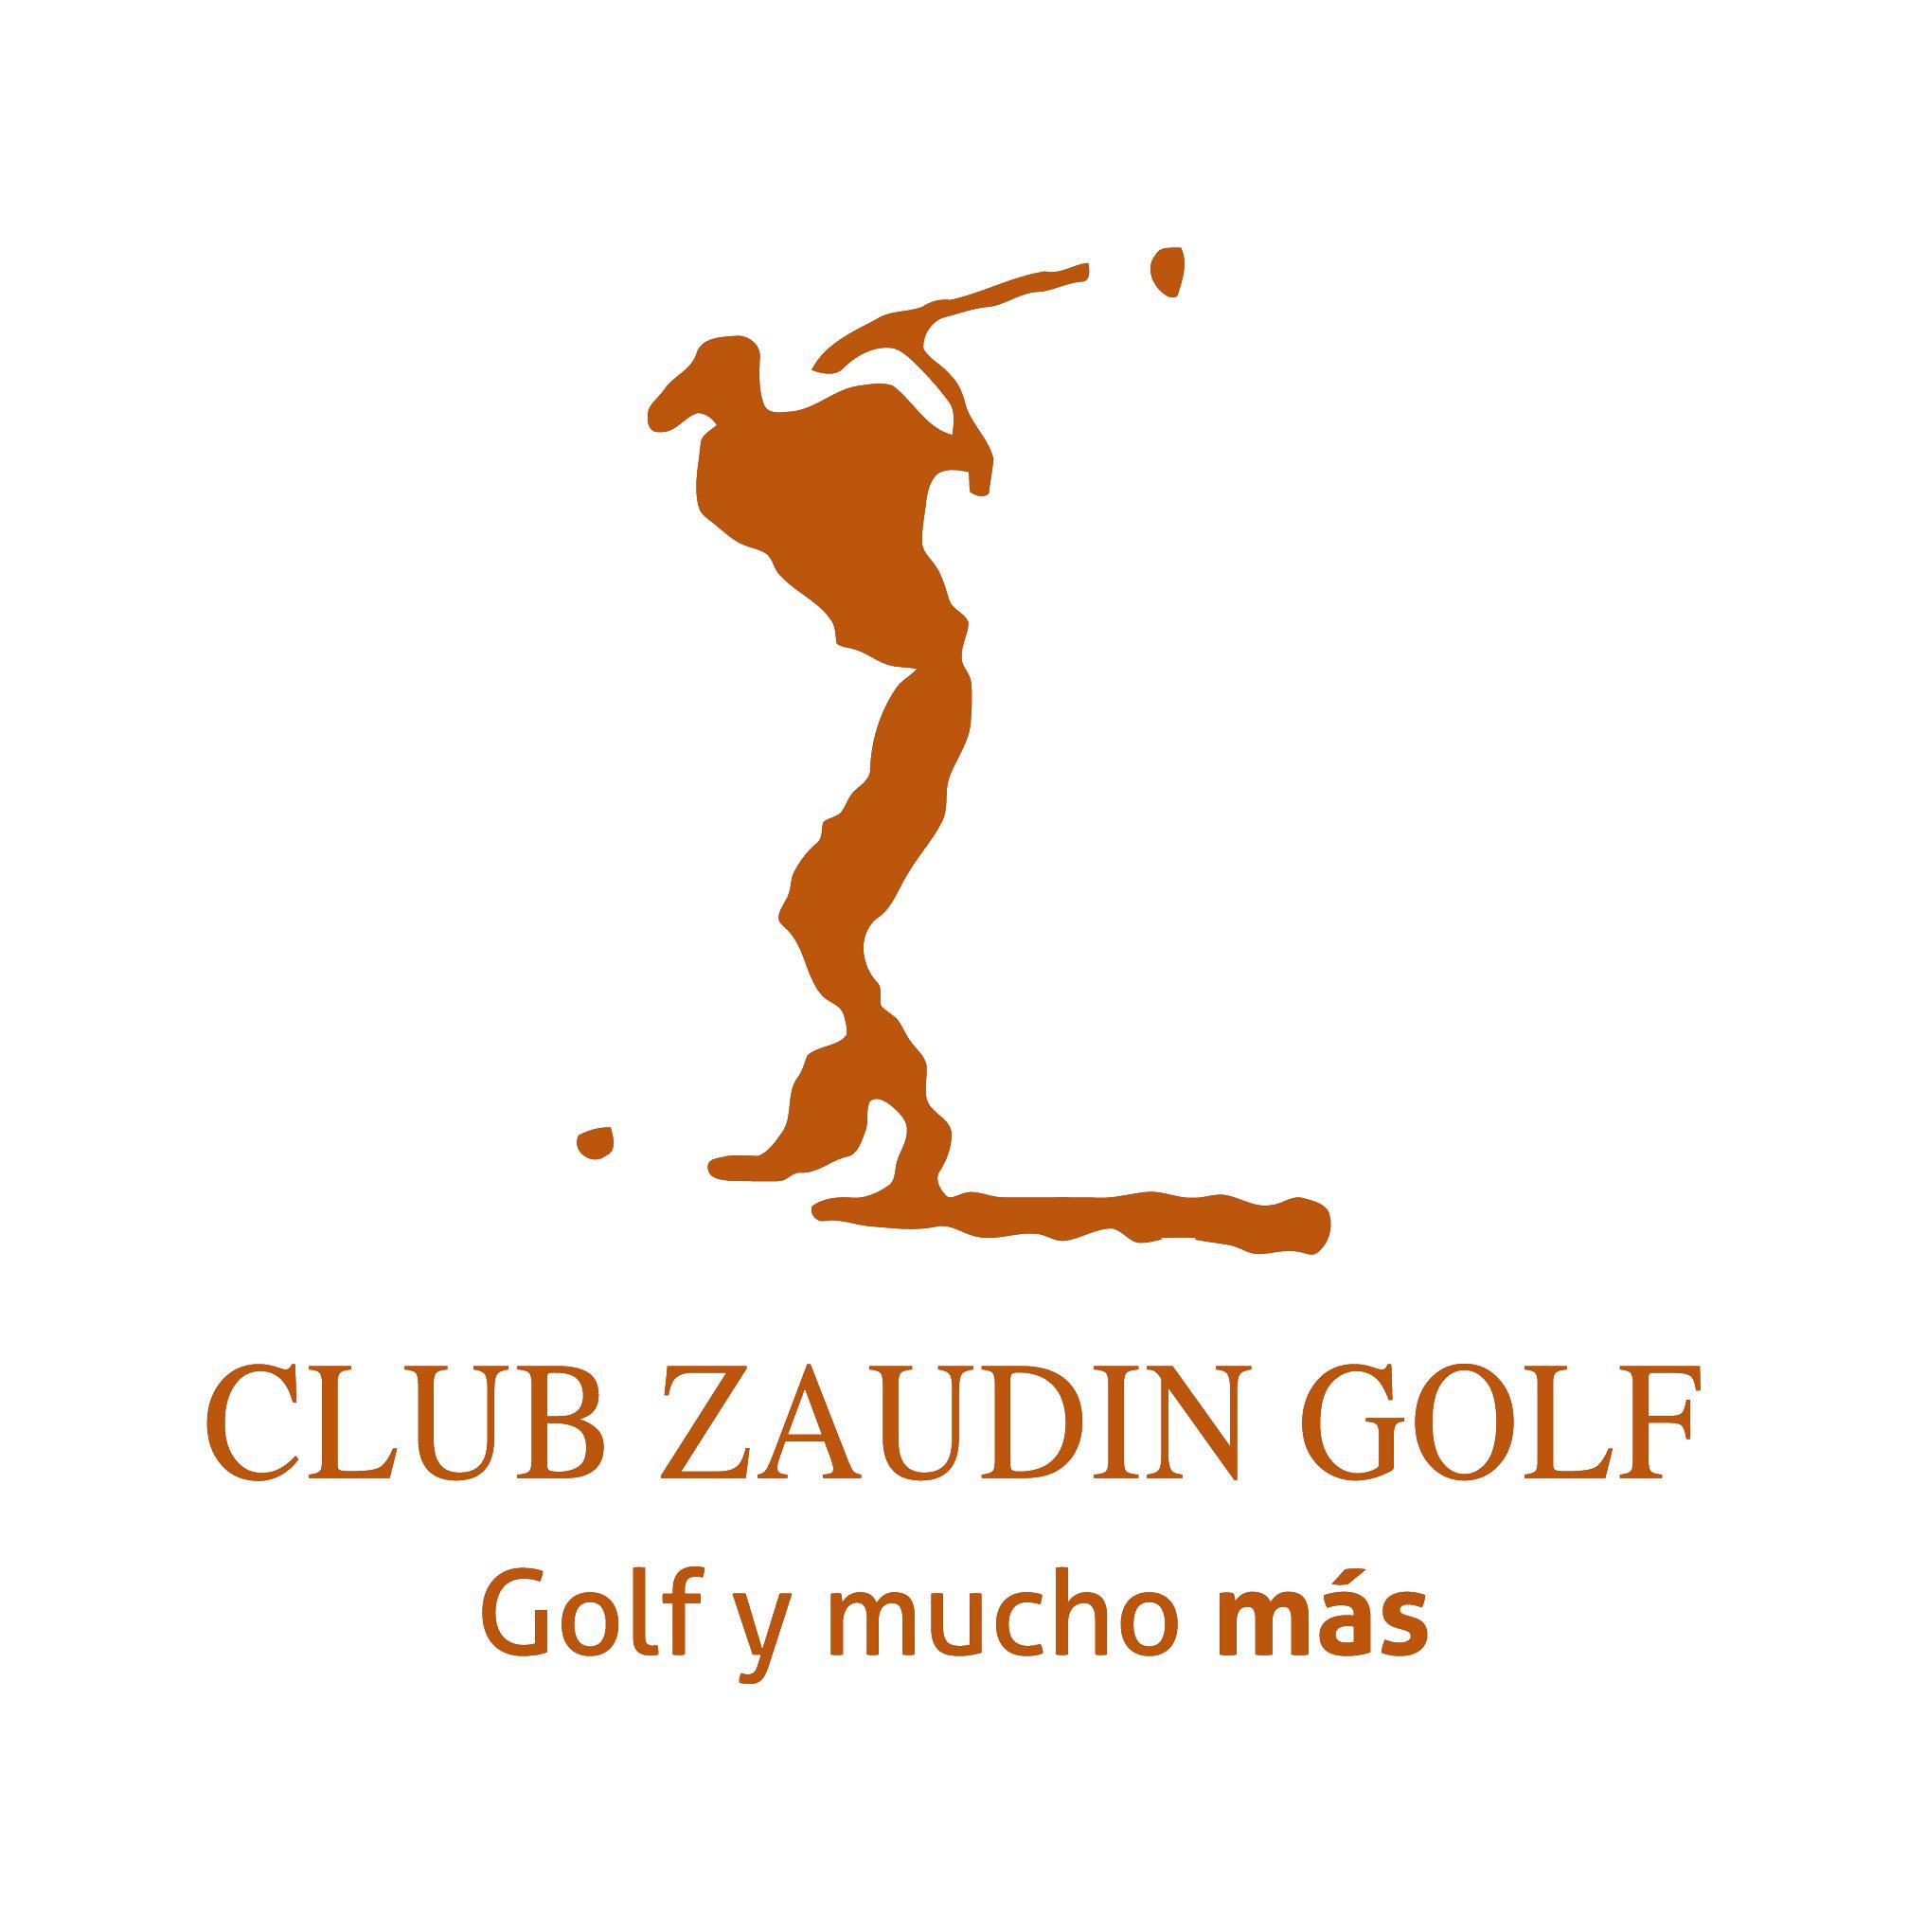 Zaudín-logo-01-Golf-y-mucho-mas.jpg